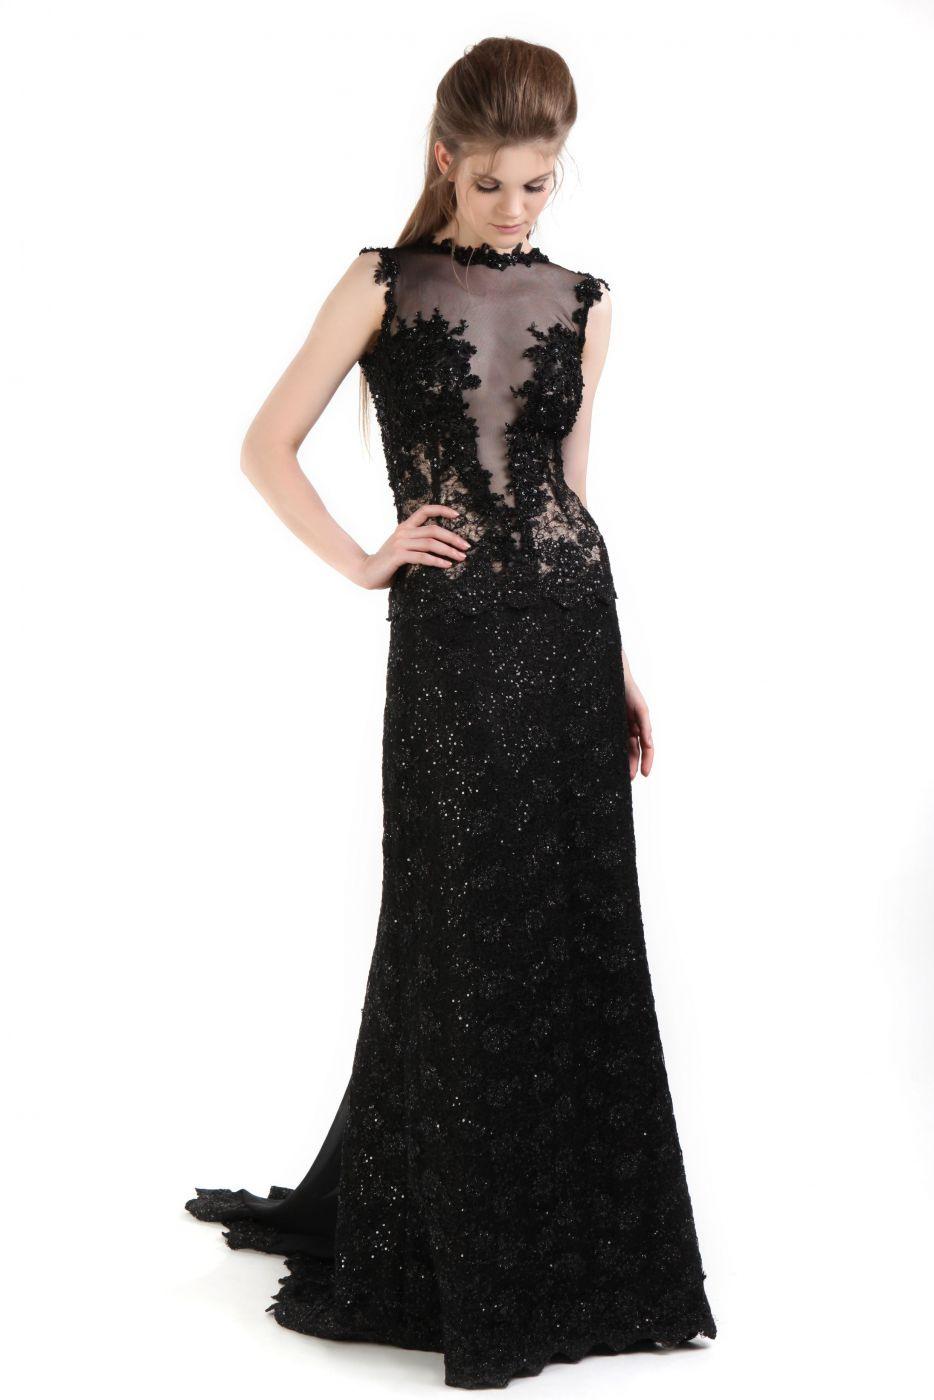 10 Perfekt Abendkleid Tiefer Ausschnitt Ärmel - Abendkleid